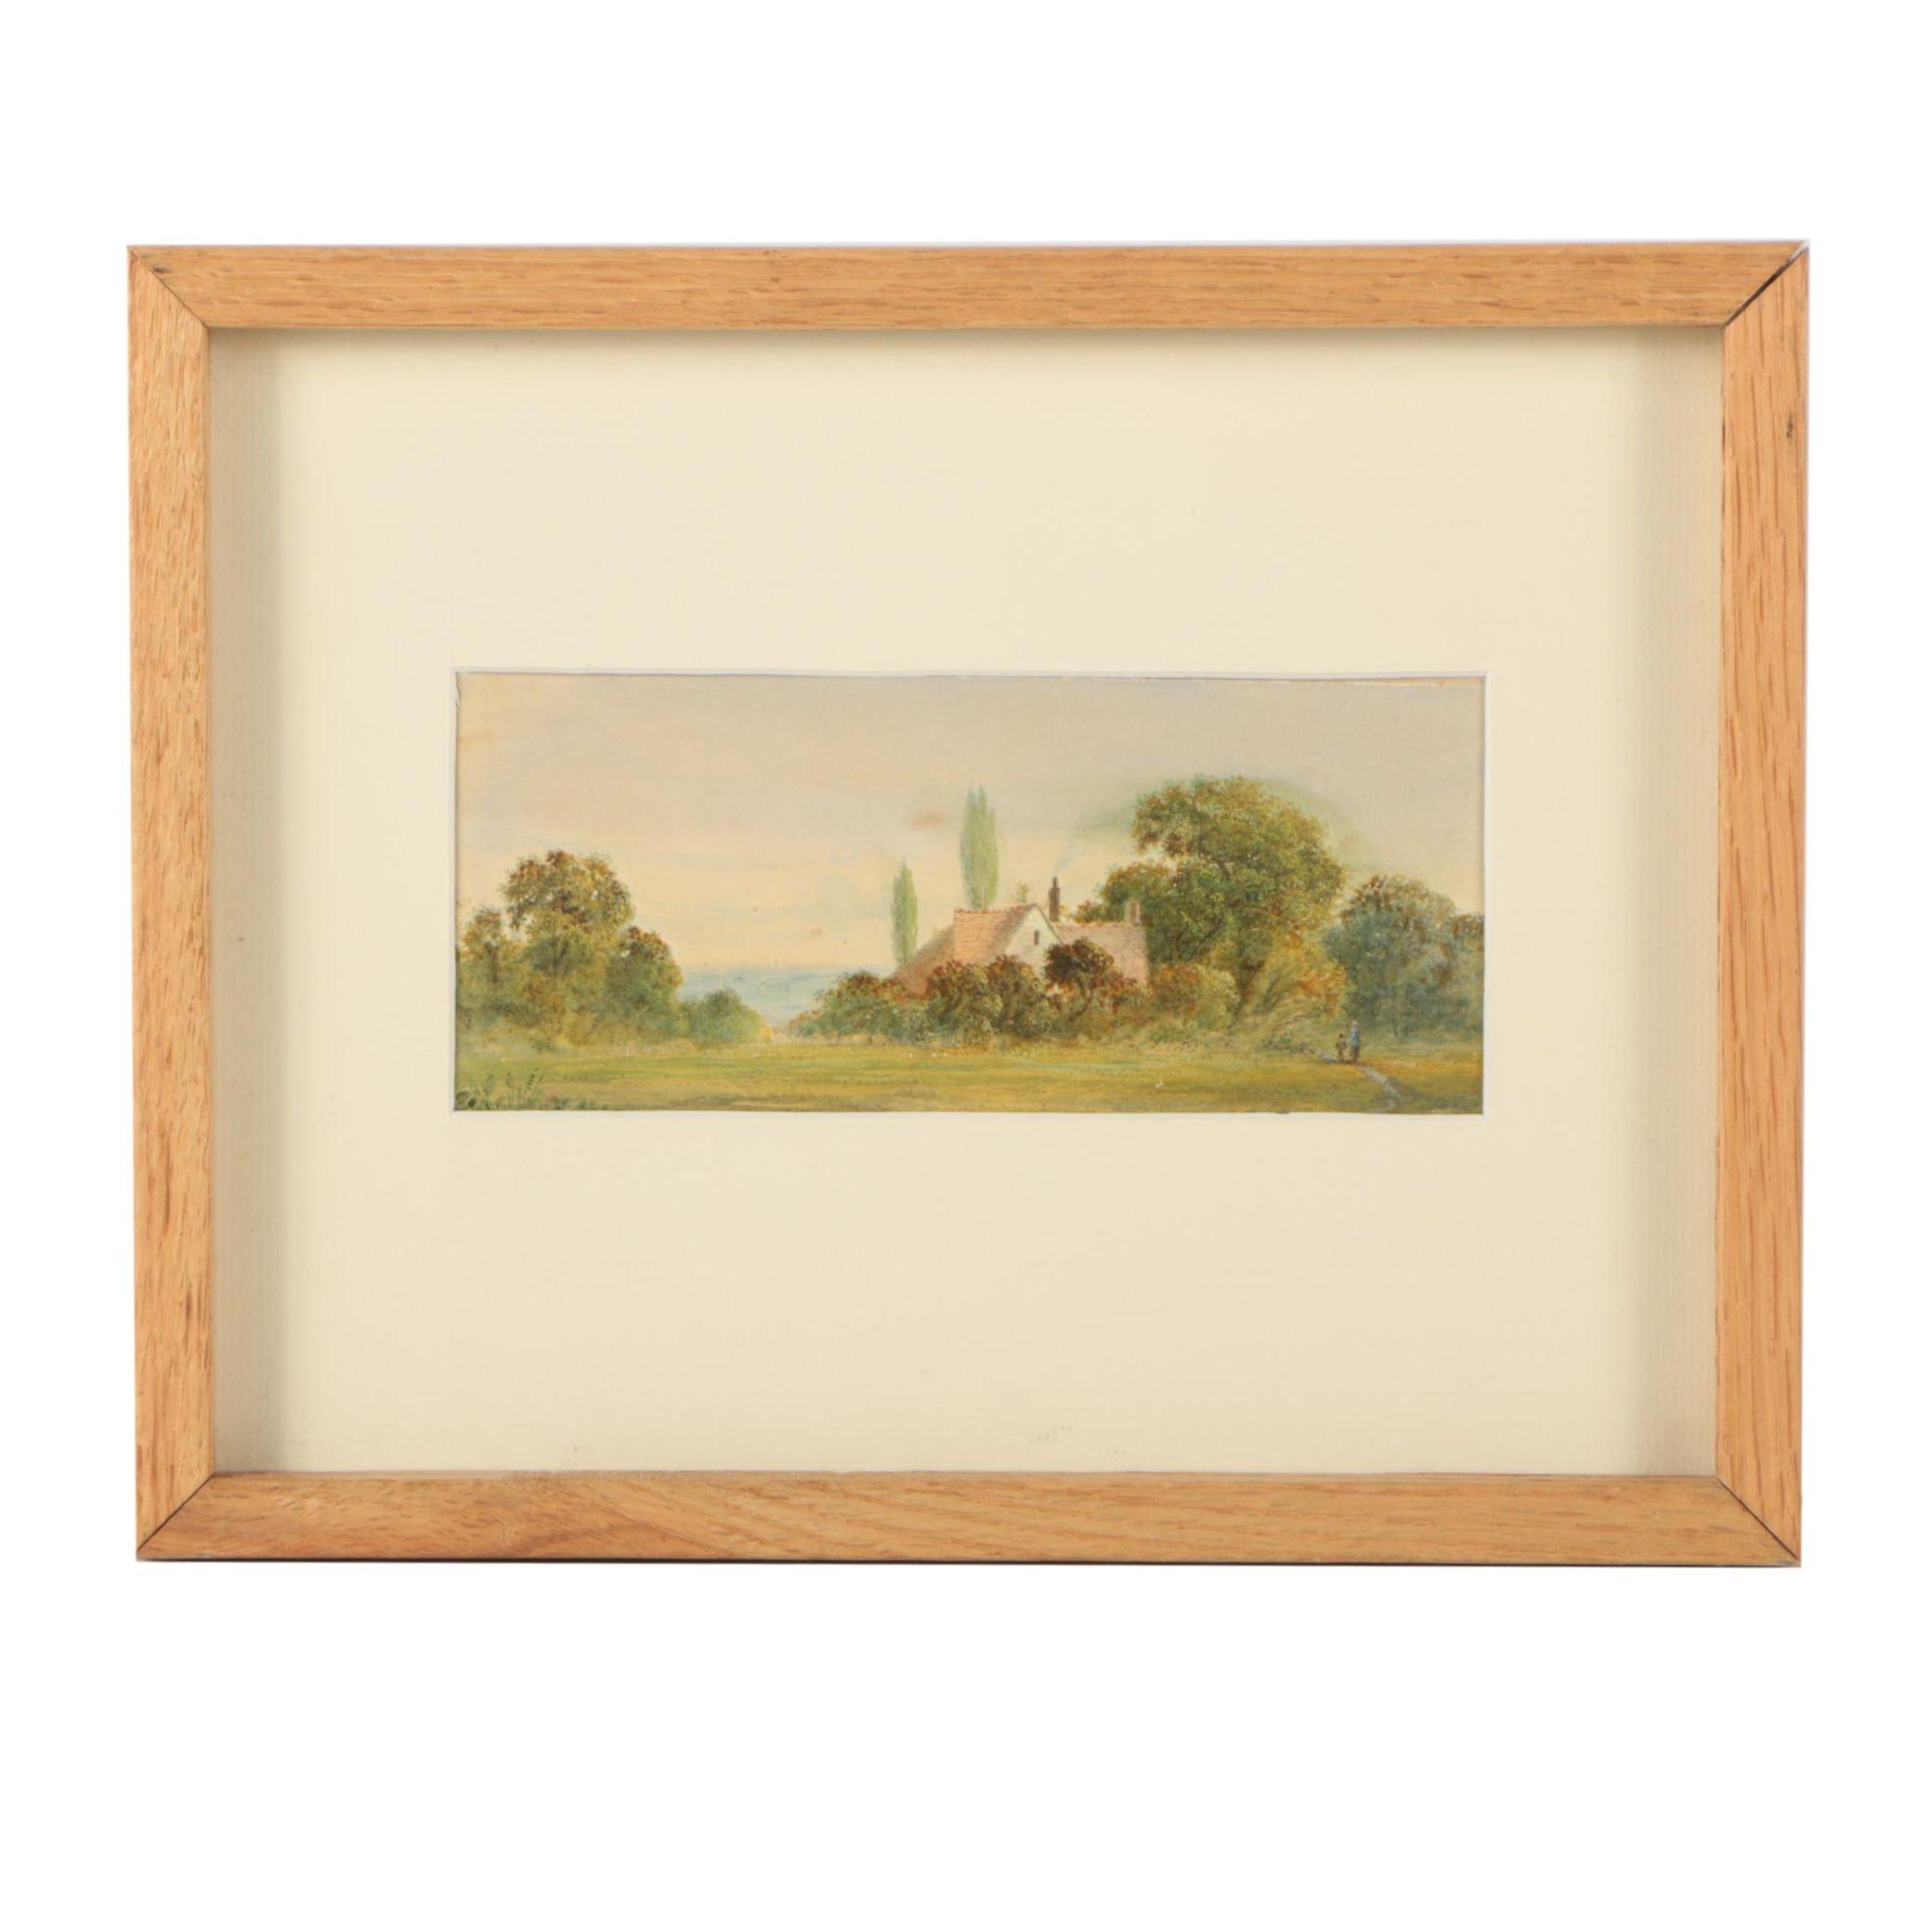 Edward B. Lait Watercolor Landscape Painting